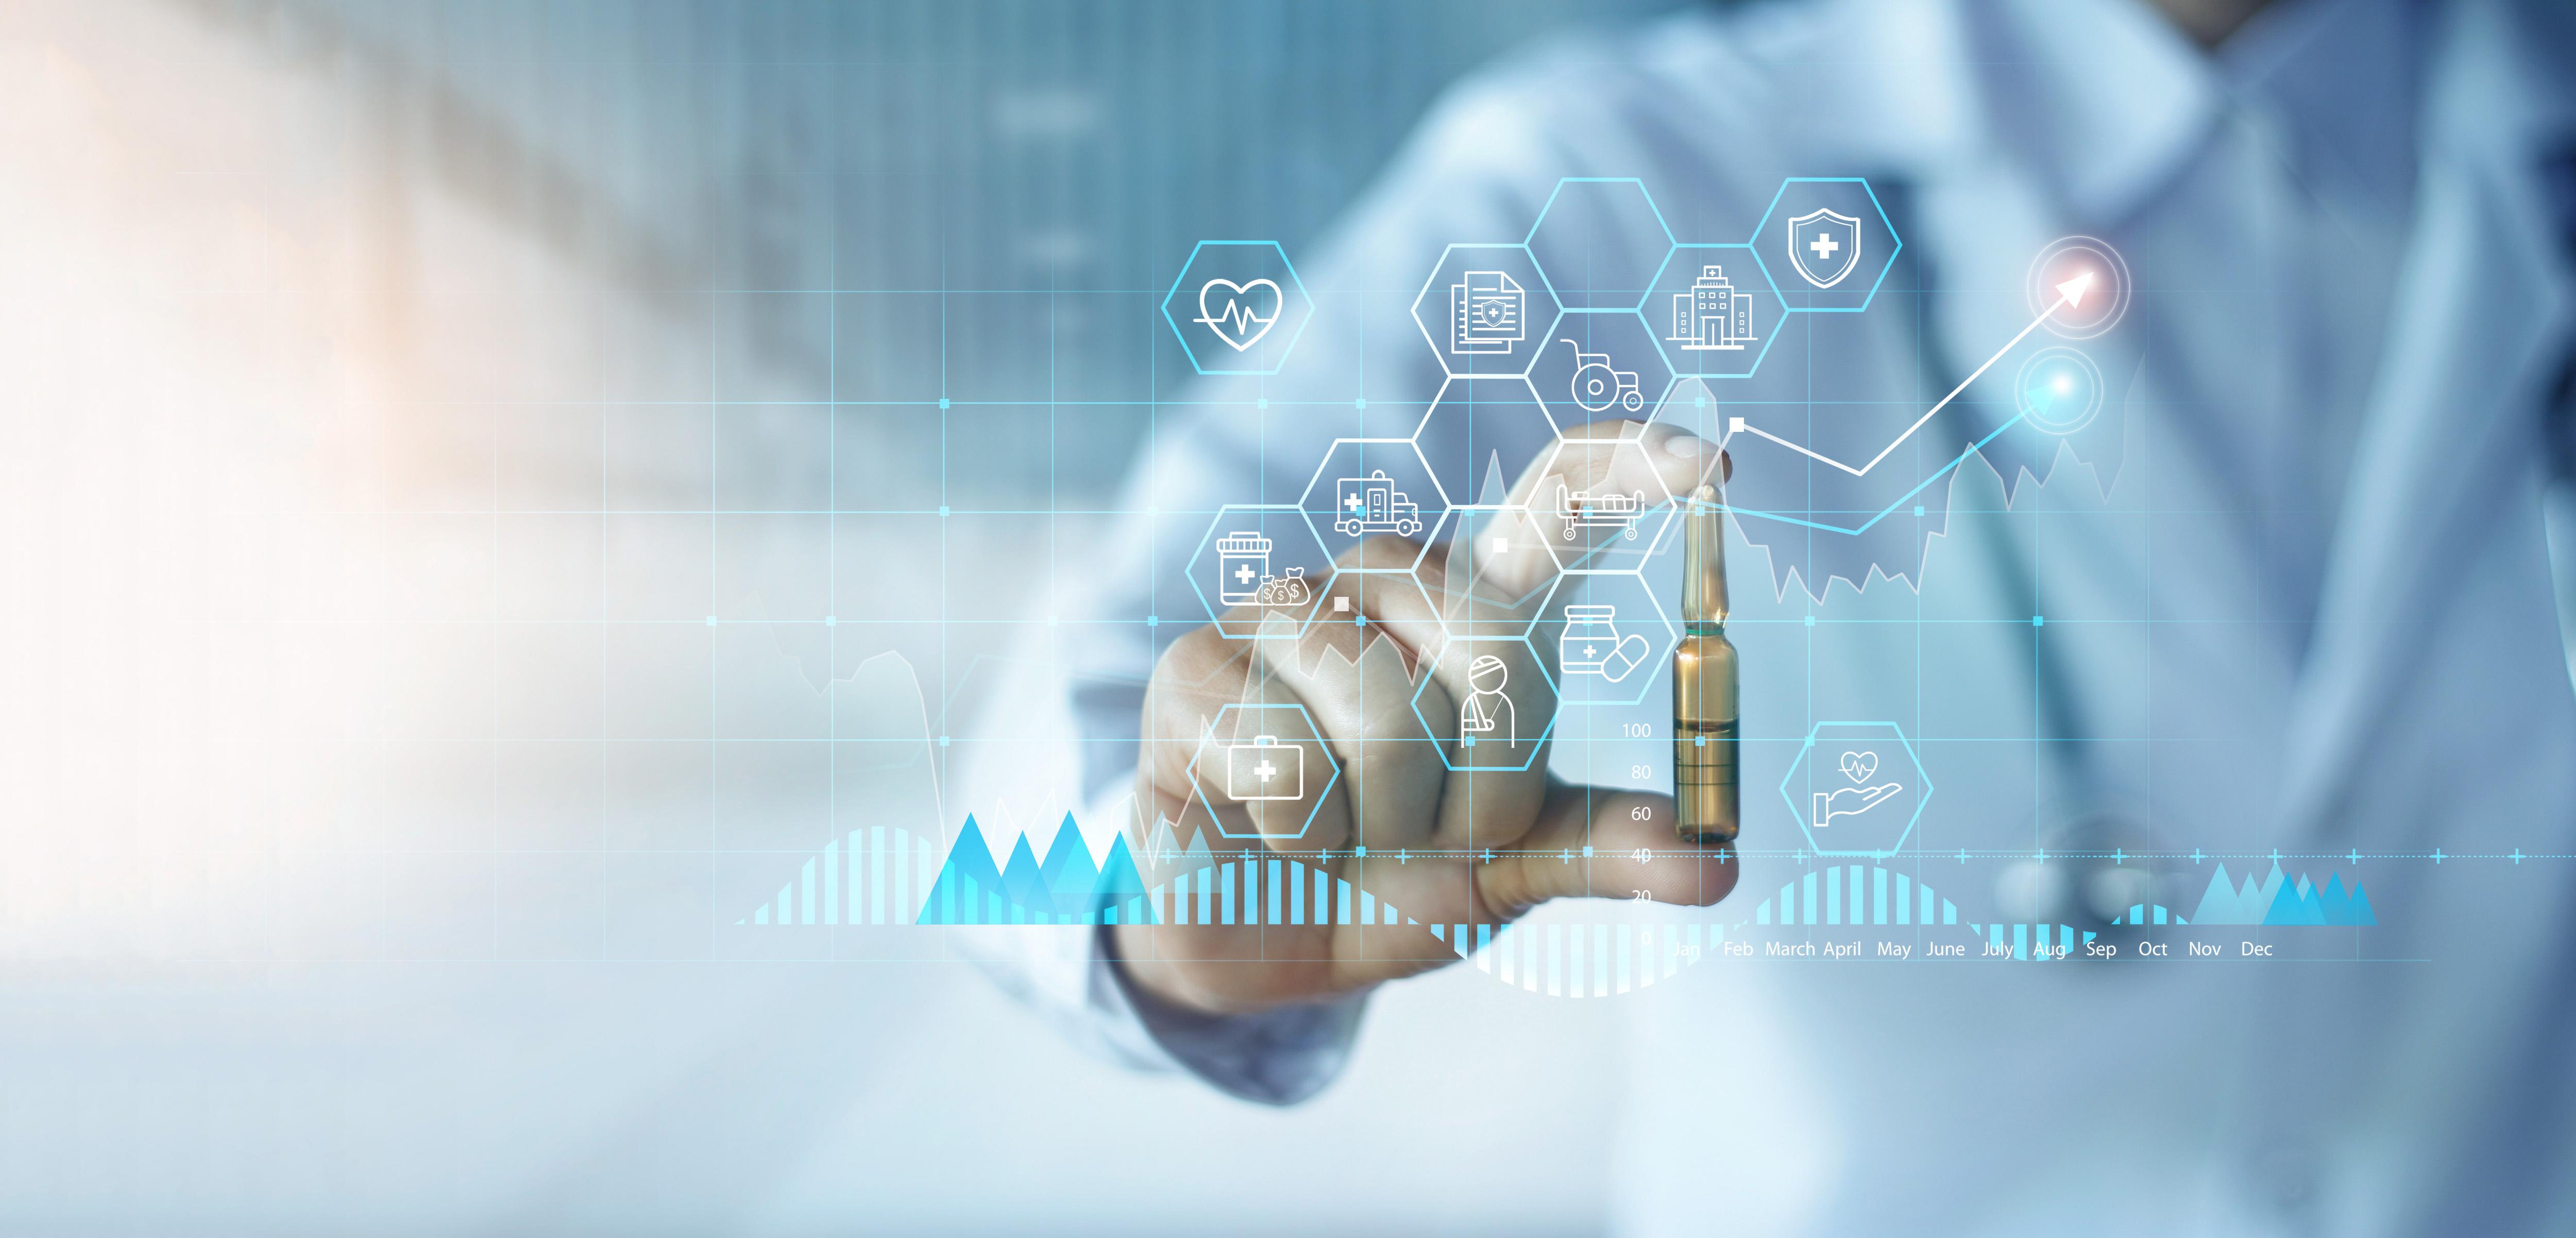 製薬業界におけるデジタルマーケティングの可能性